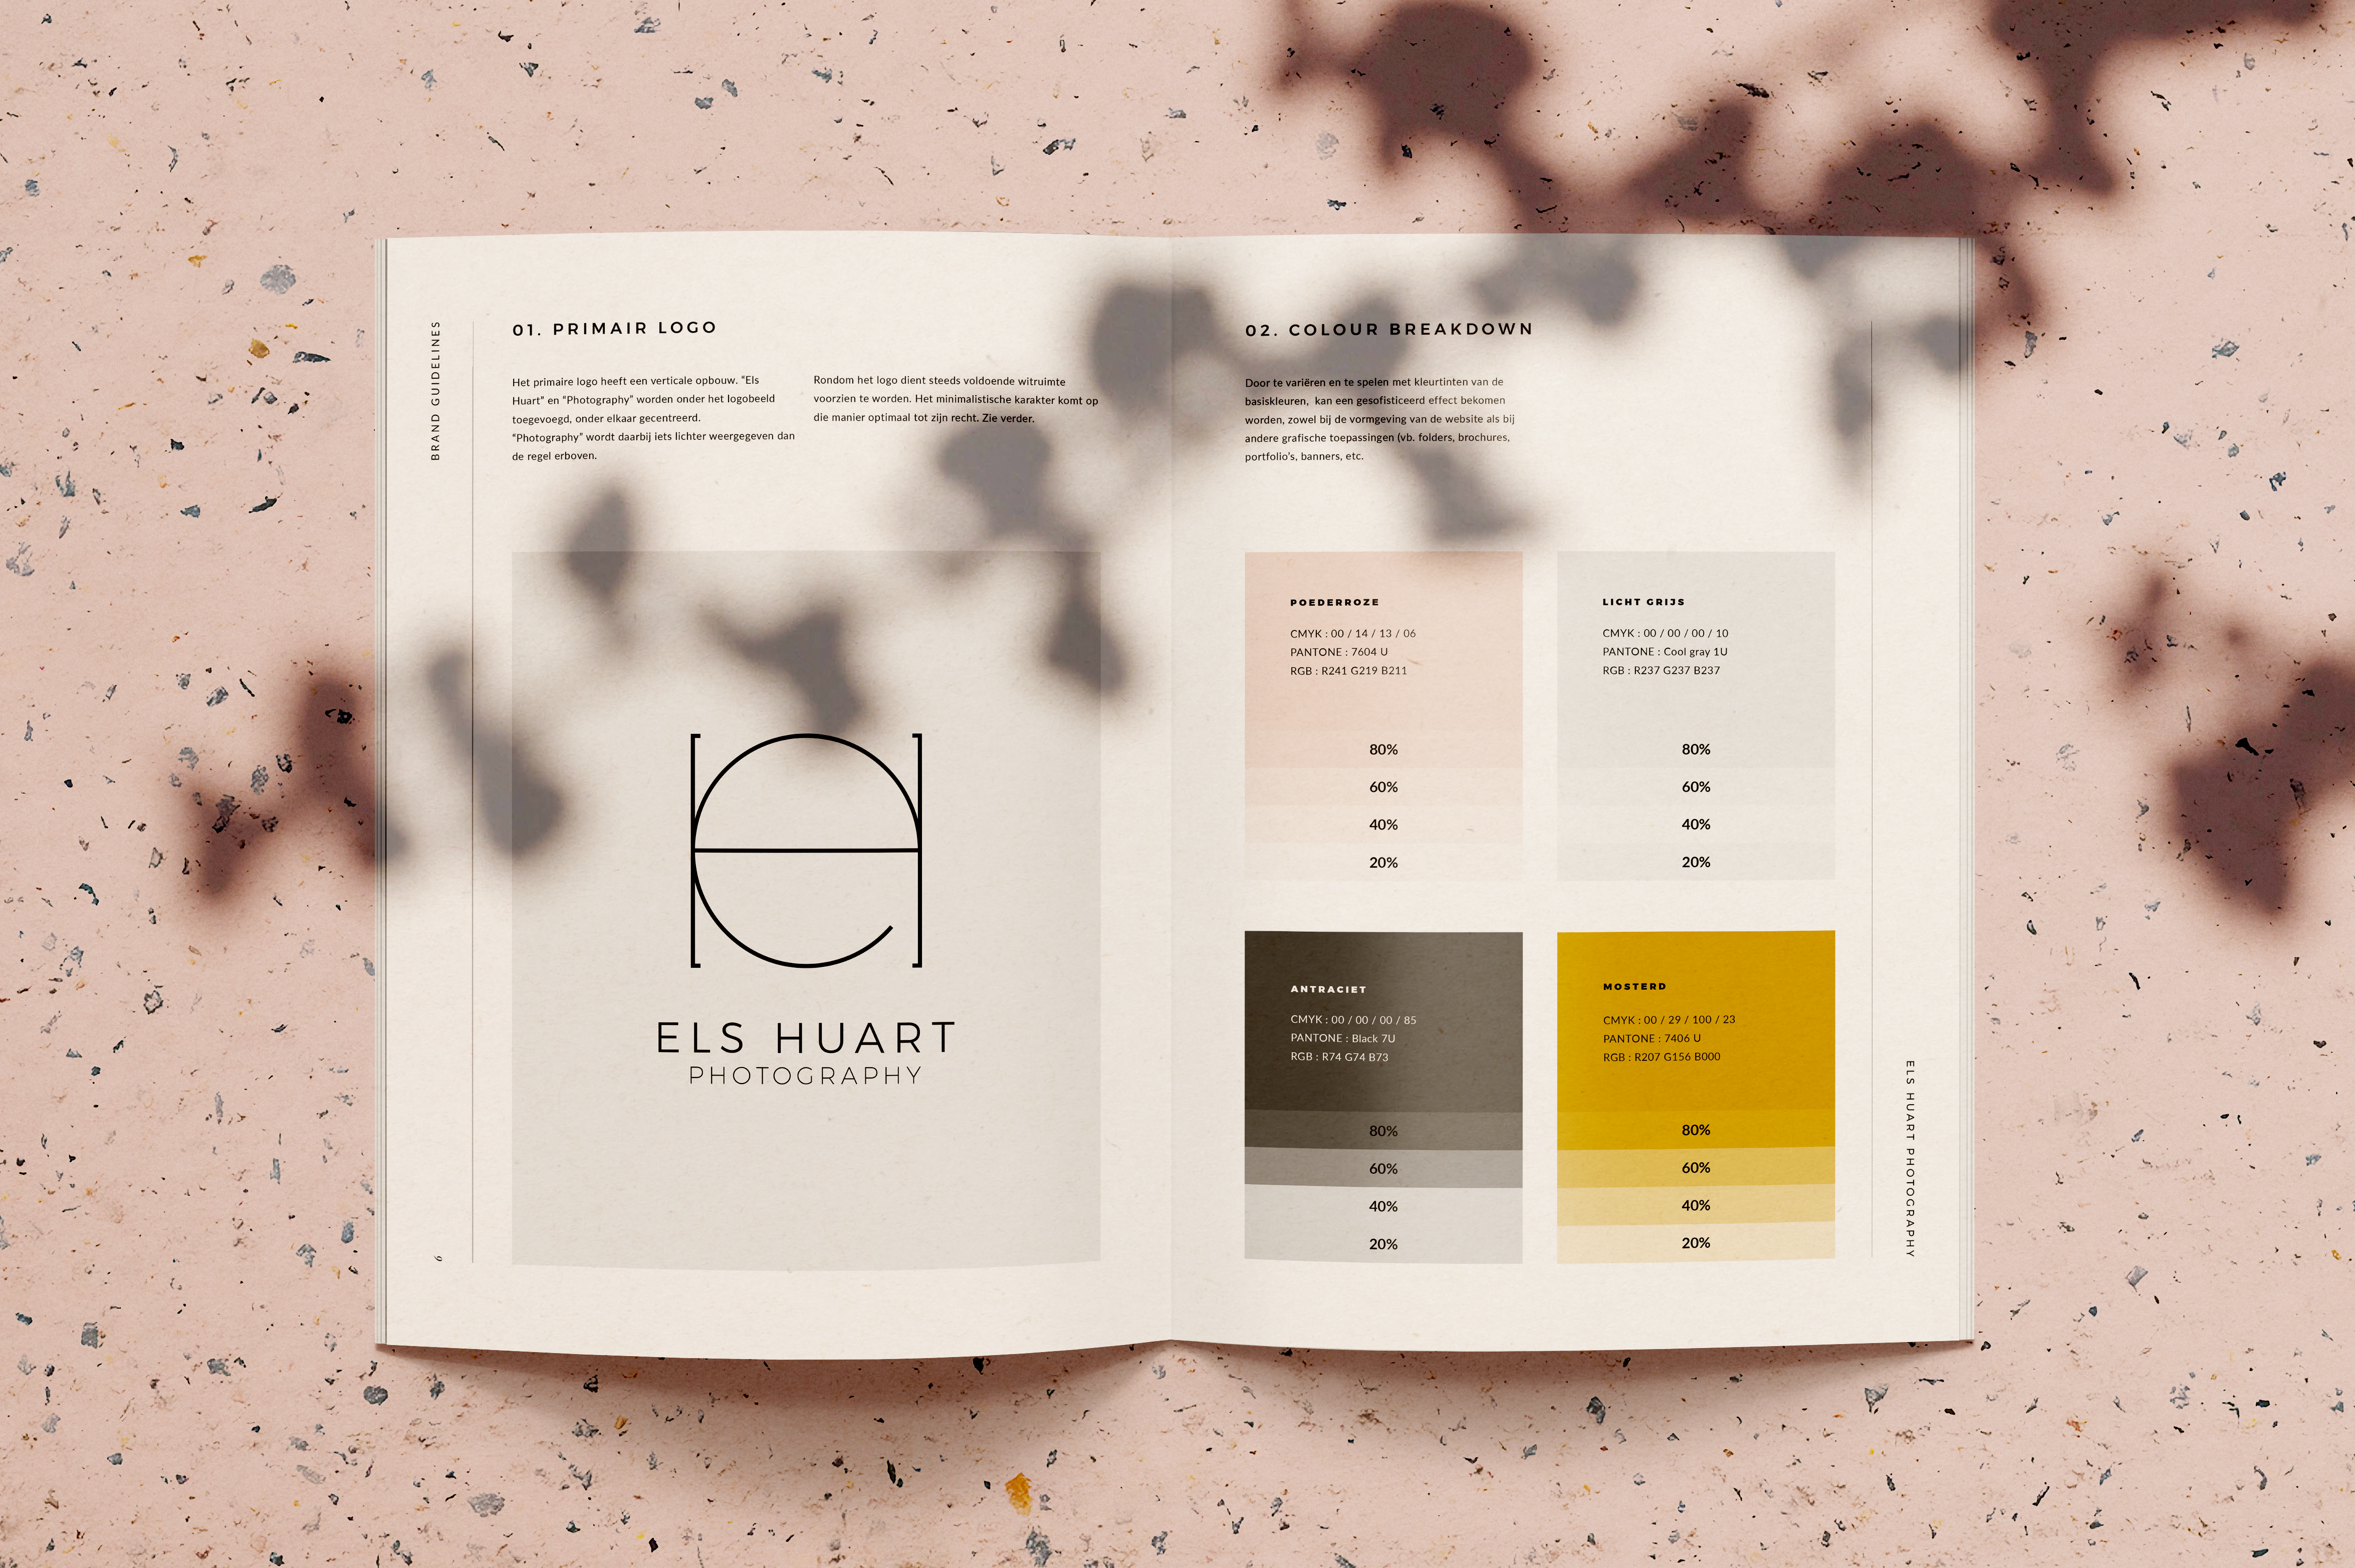 Els Huart - Branding guidelines